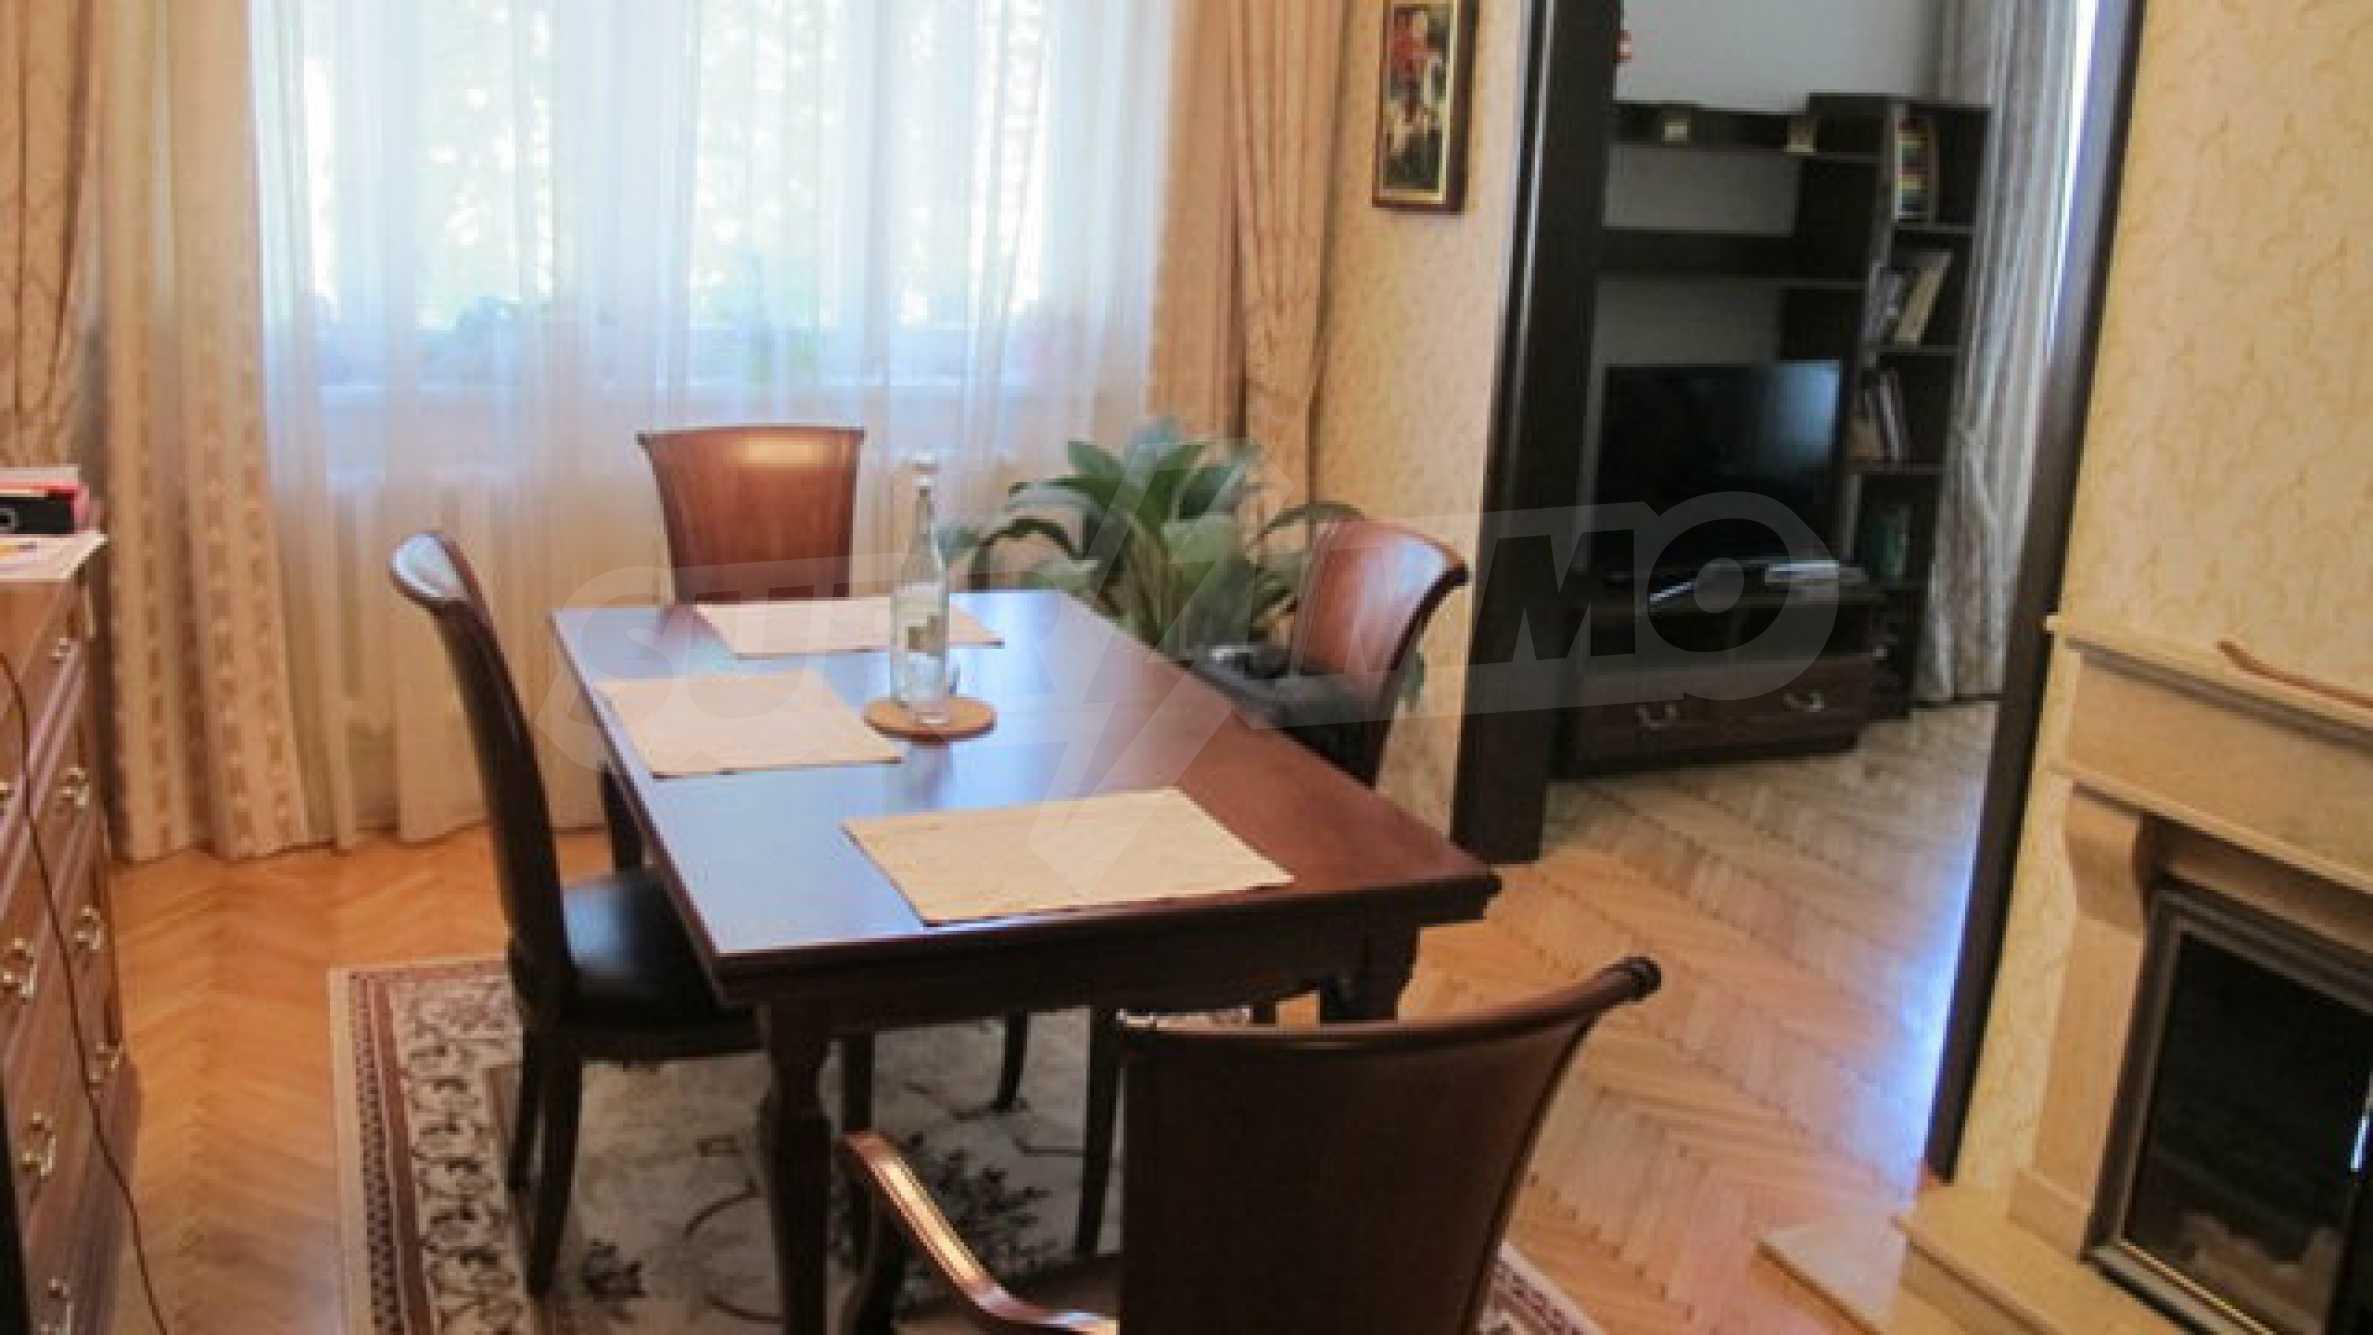 Zwei-Zimmer-Wohnung in einem idealen Zentrum 8